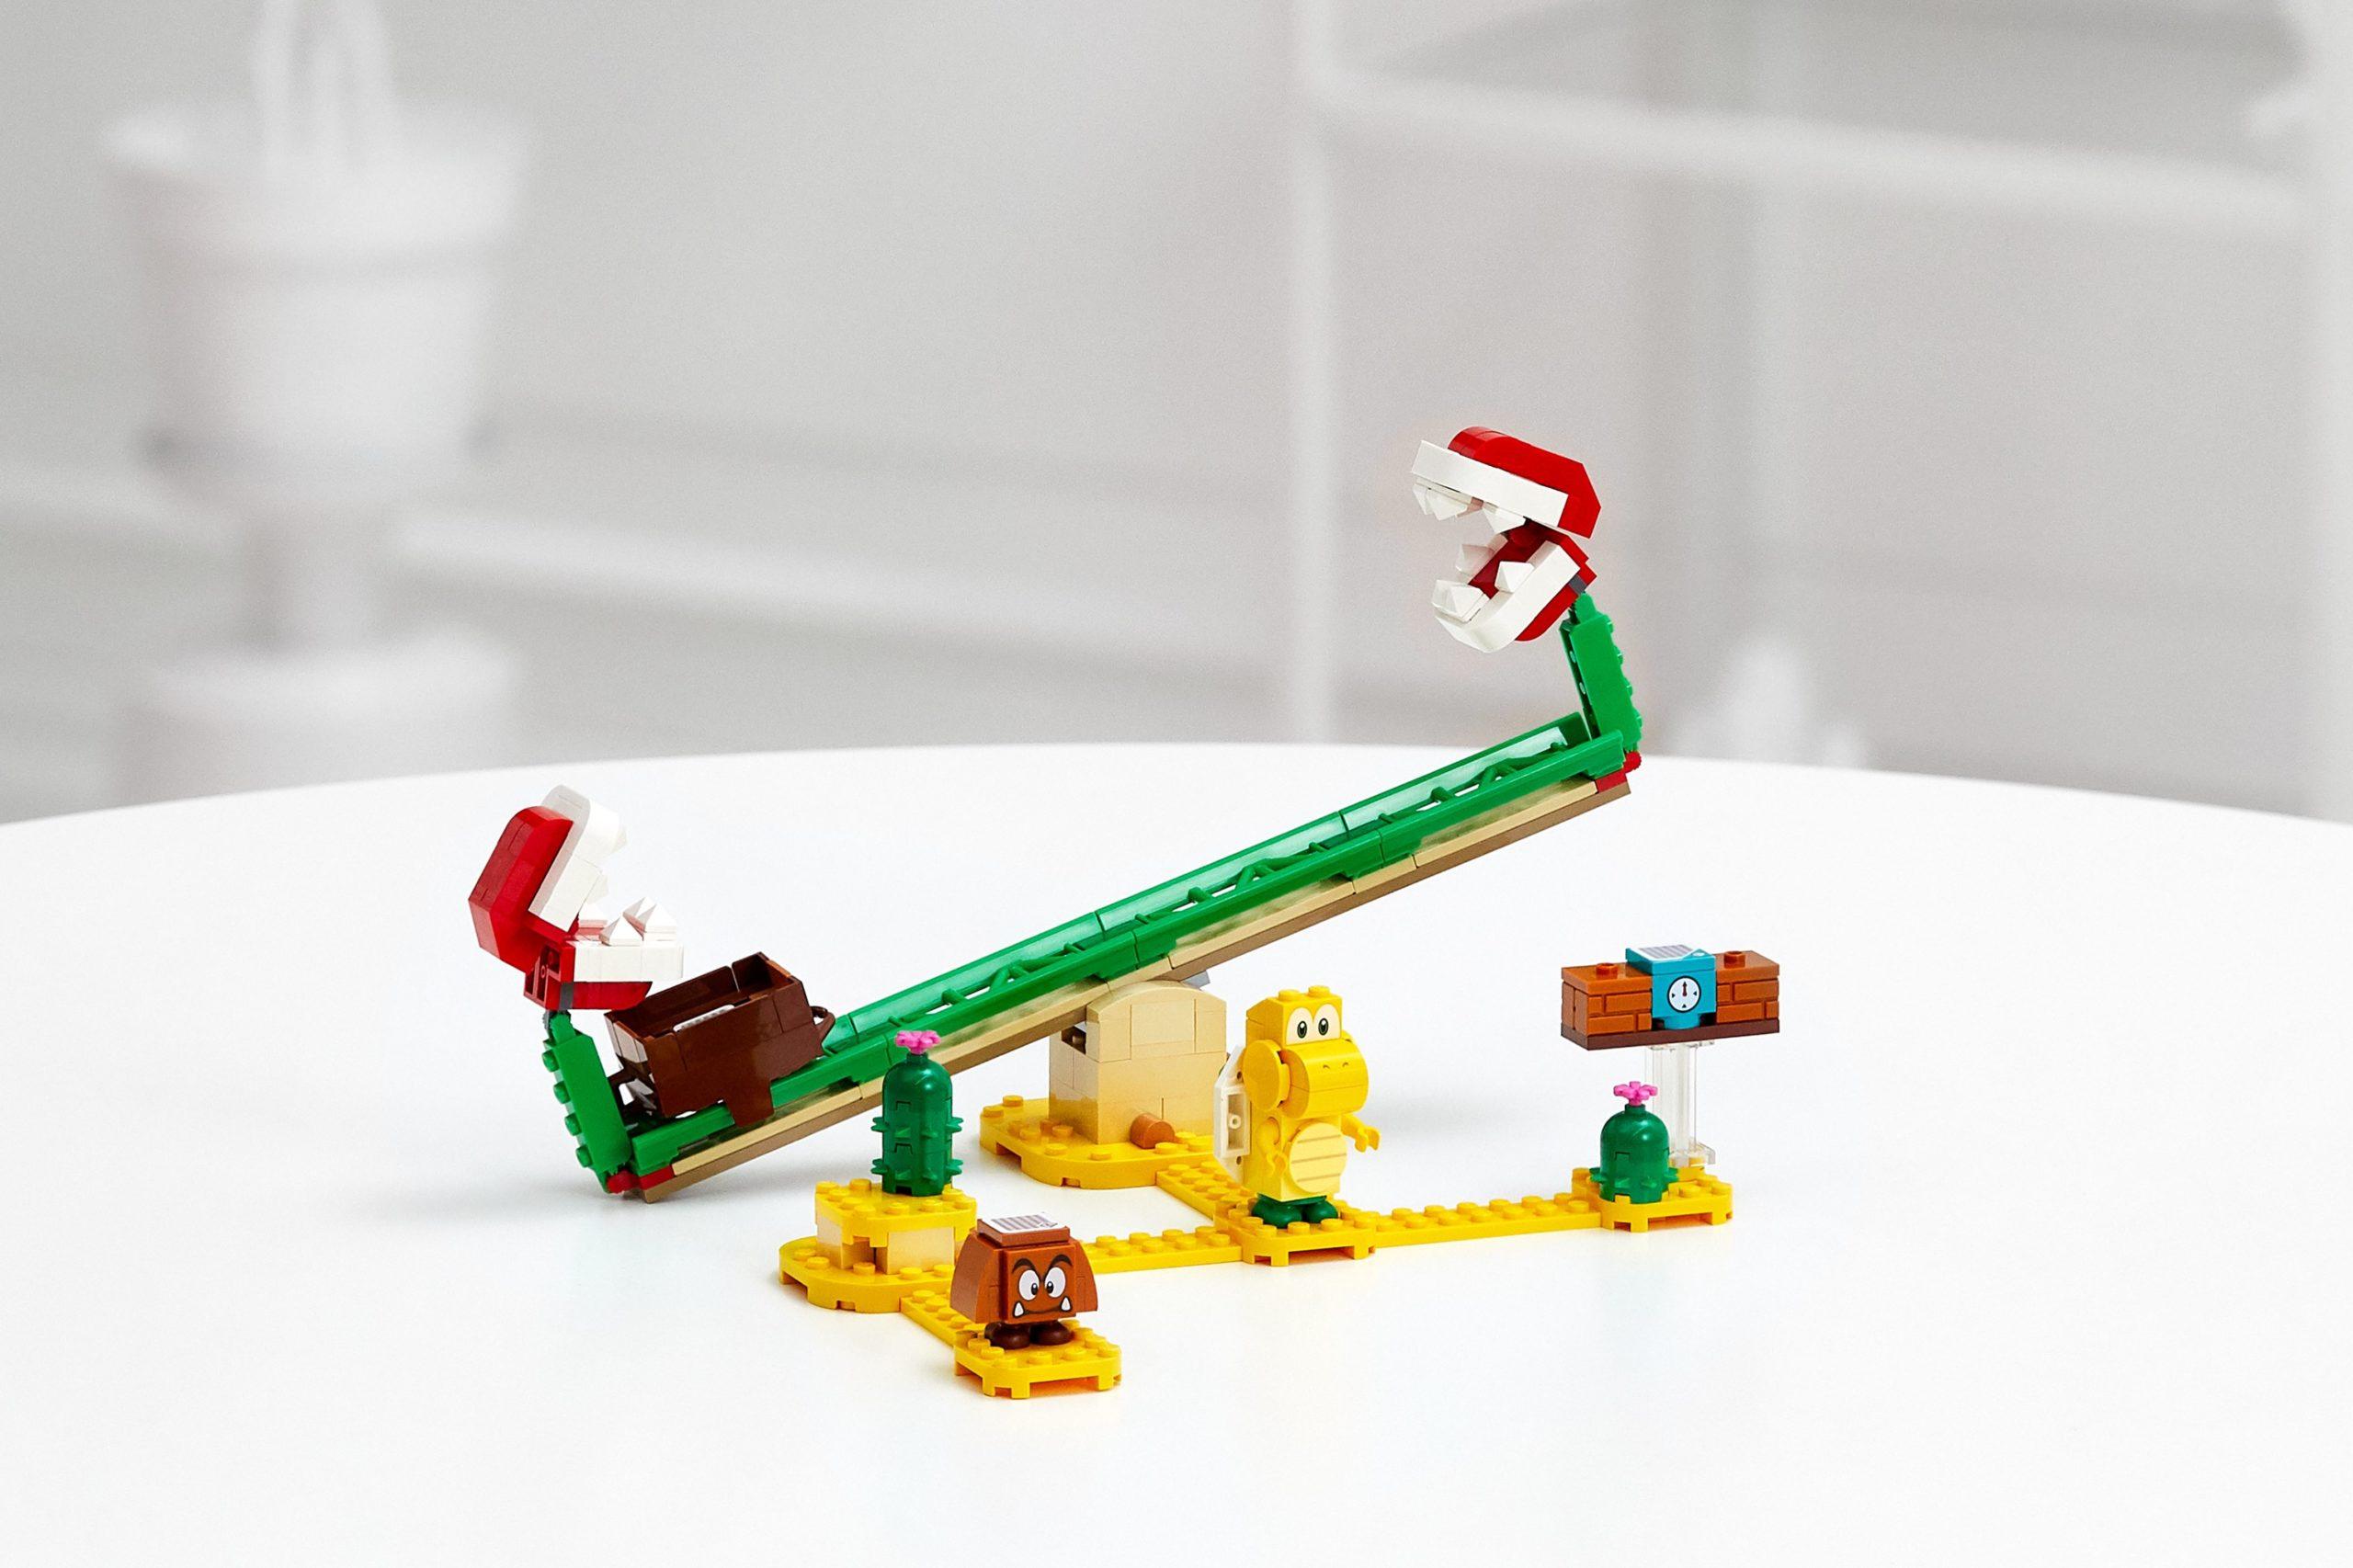 樂高超級瑪利歐系列公開首波產品「吞食花翹翹板」,內附有栗寶寶與慢慢龜人偶